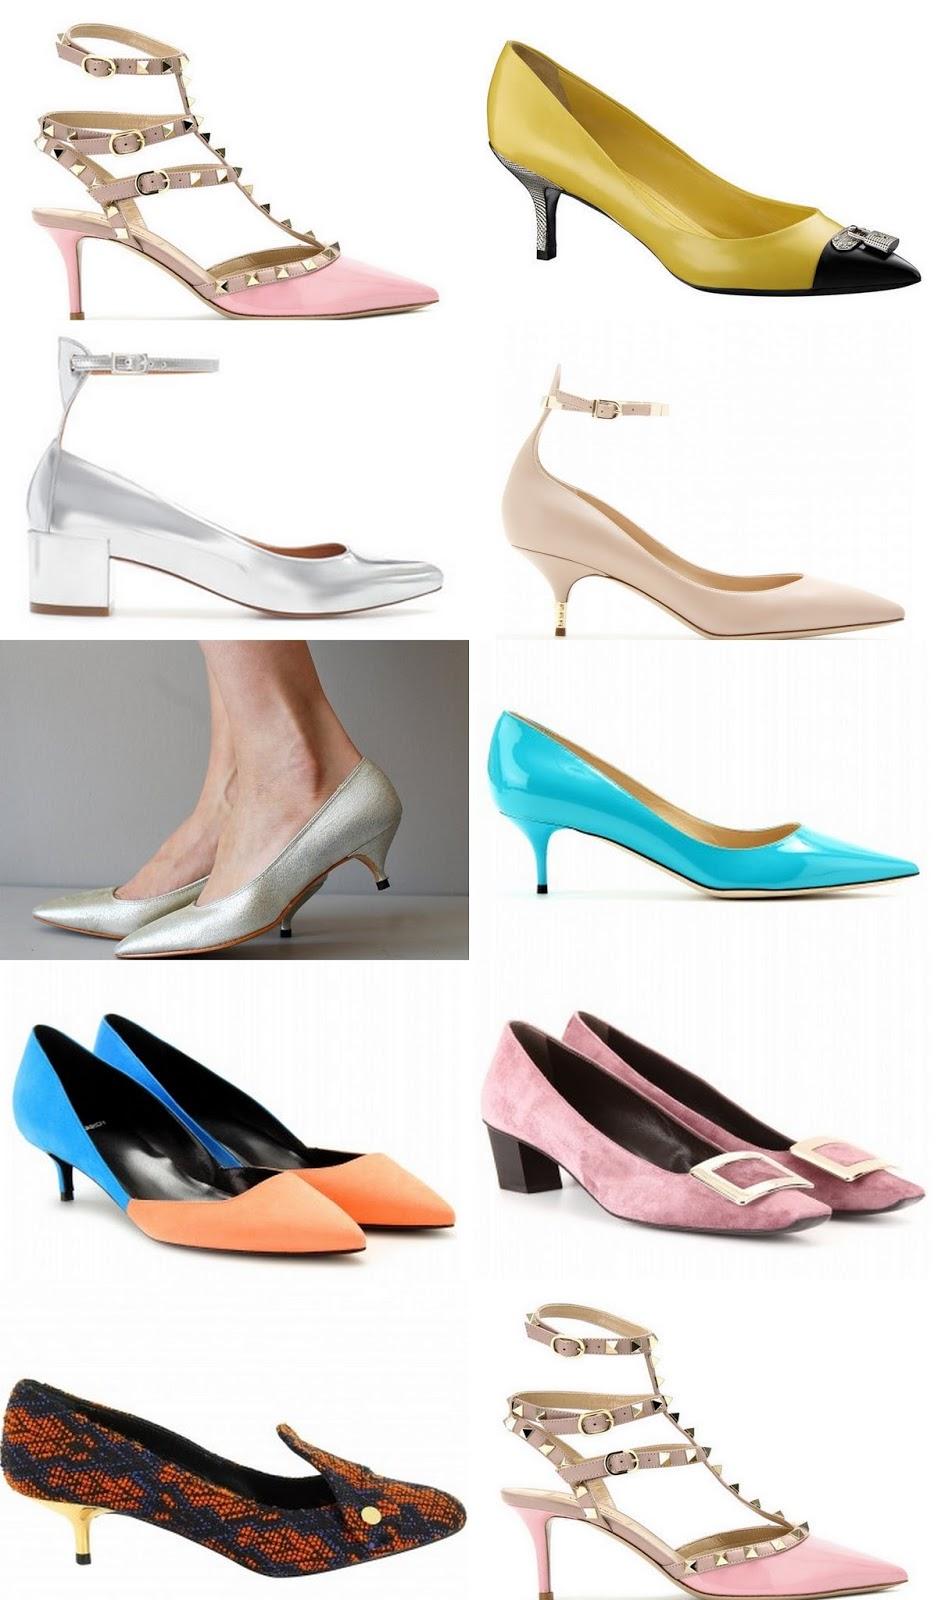 Tac n midi o kitten heel es lo mismo pero t estar s m s c moda con algo de estilo - Zapatos collage ...